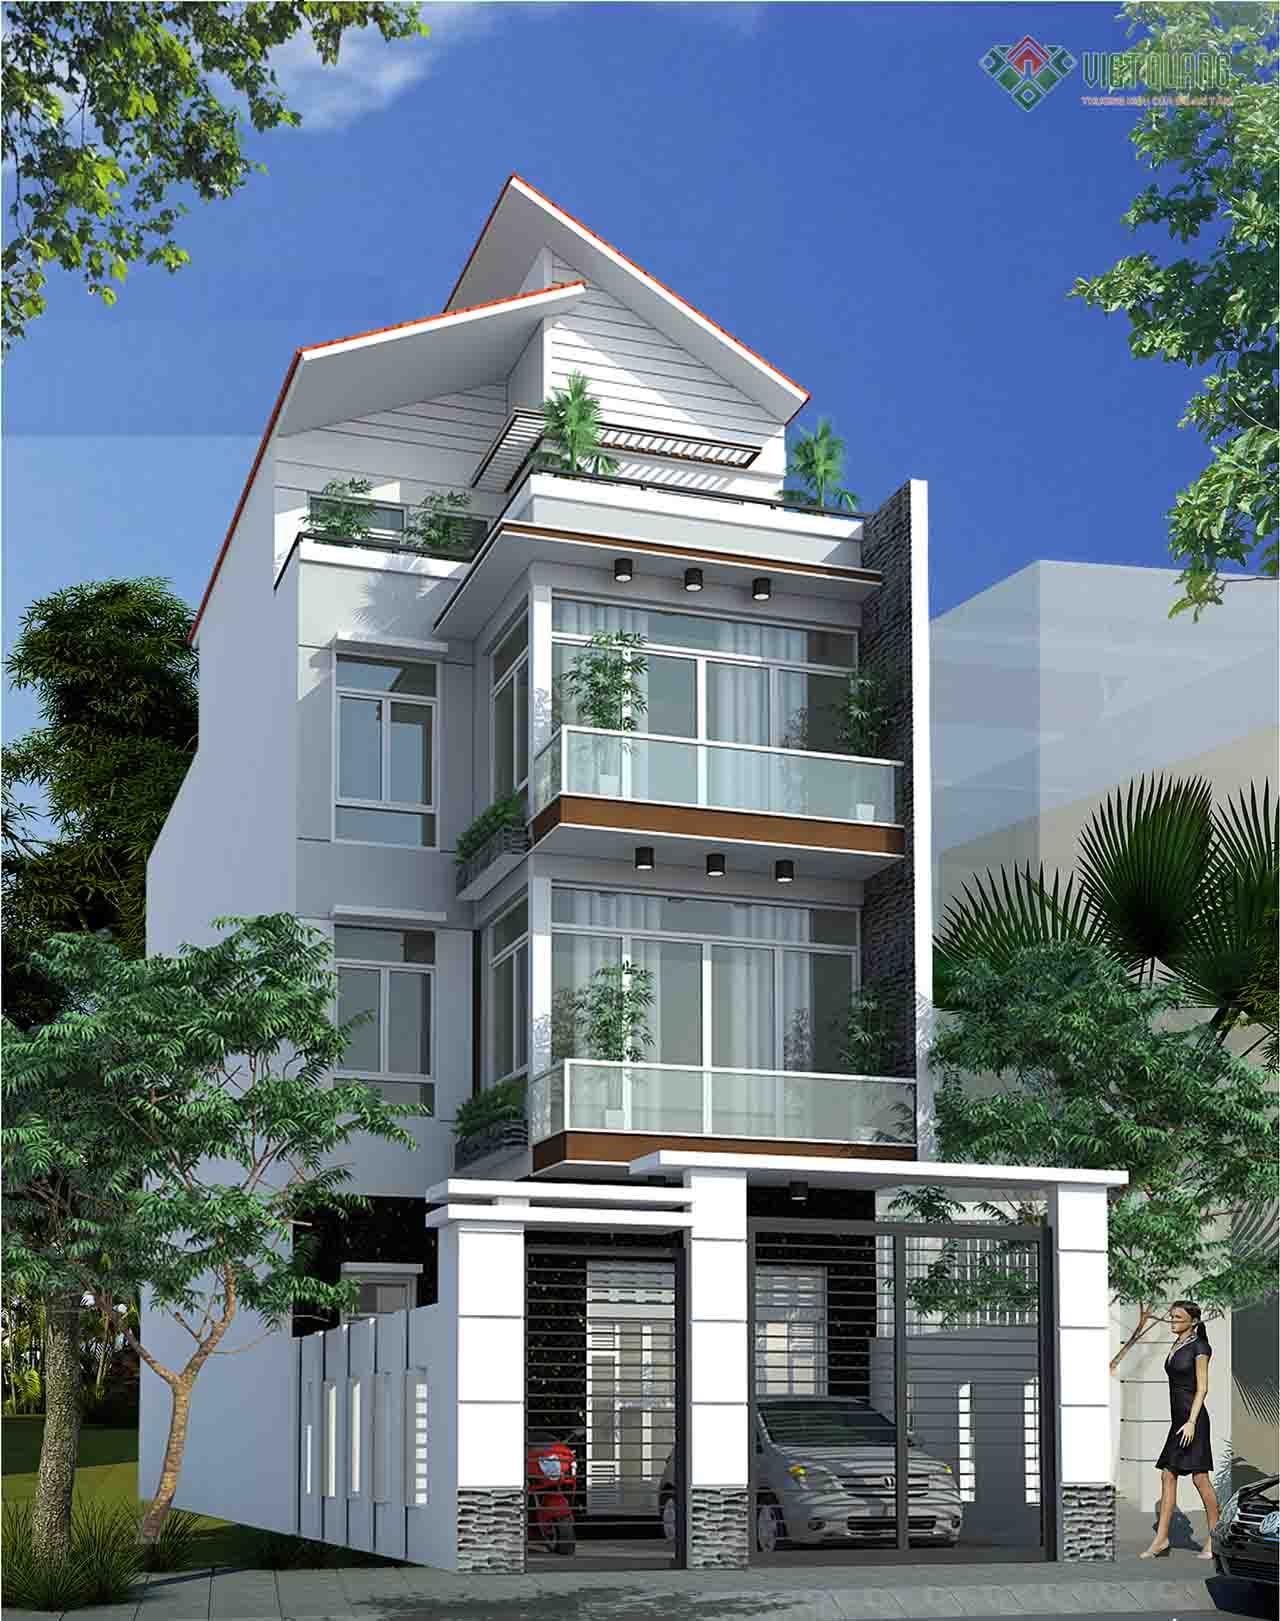 Chi phí xây nhà 4 tầng 80m2 – Việt Quang Group